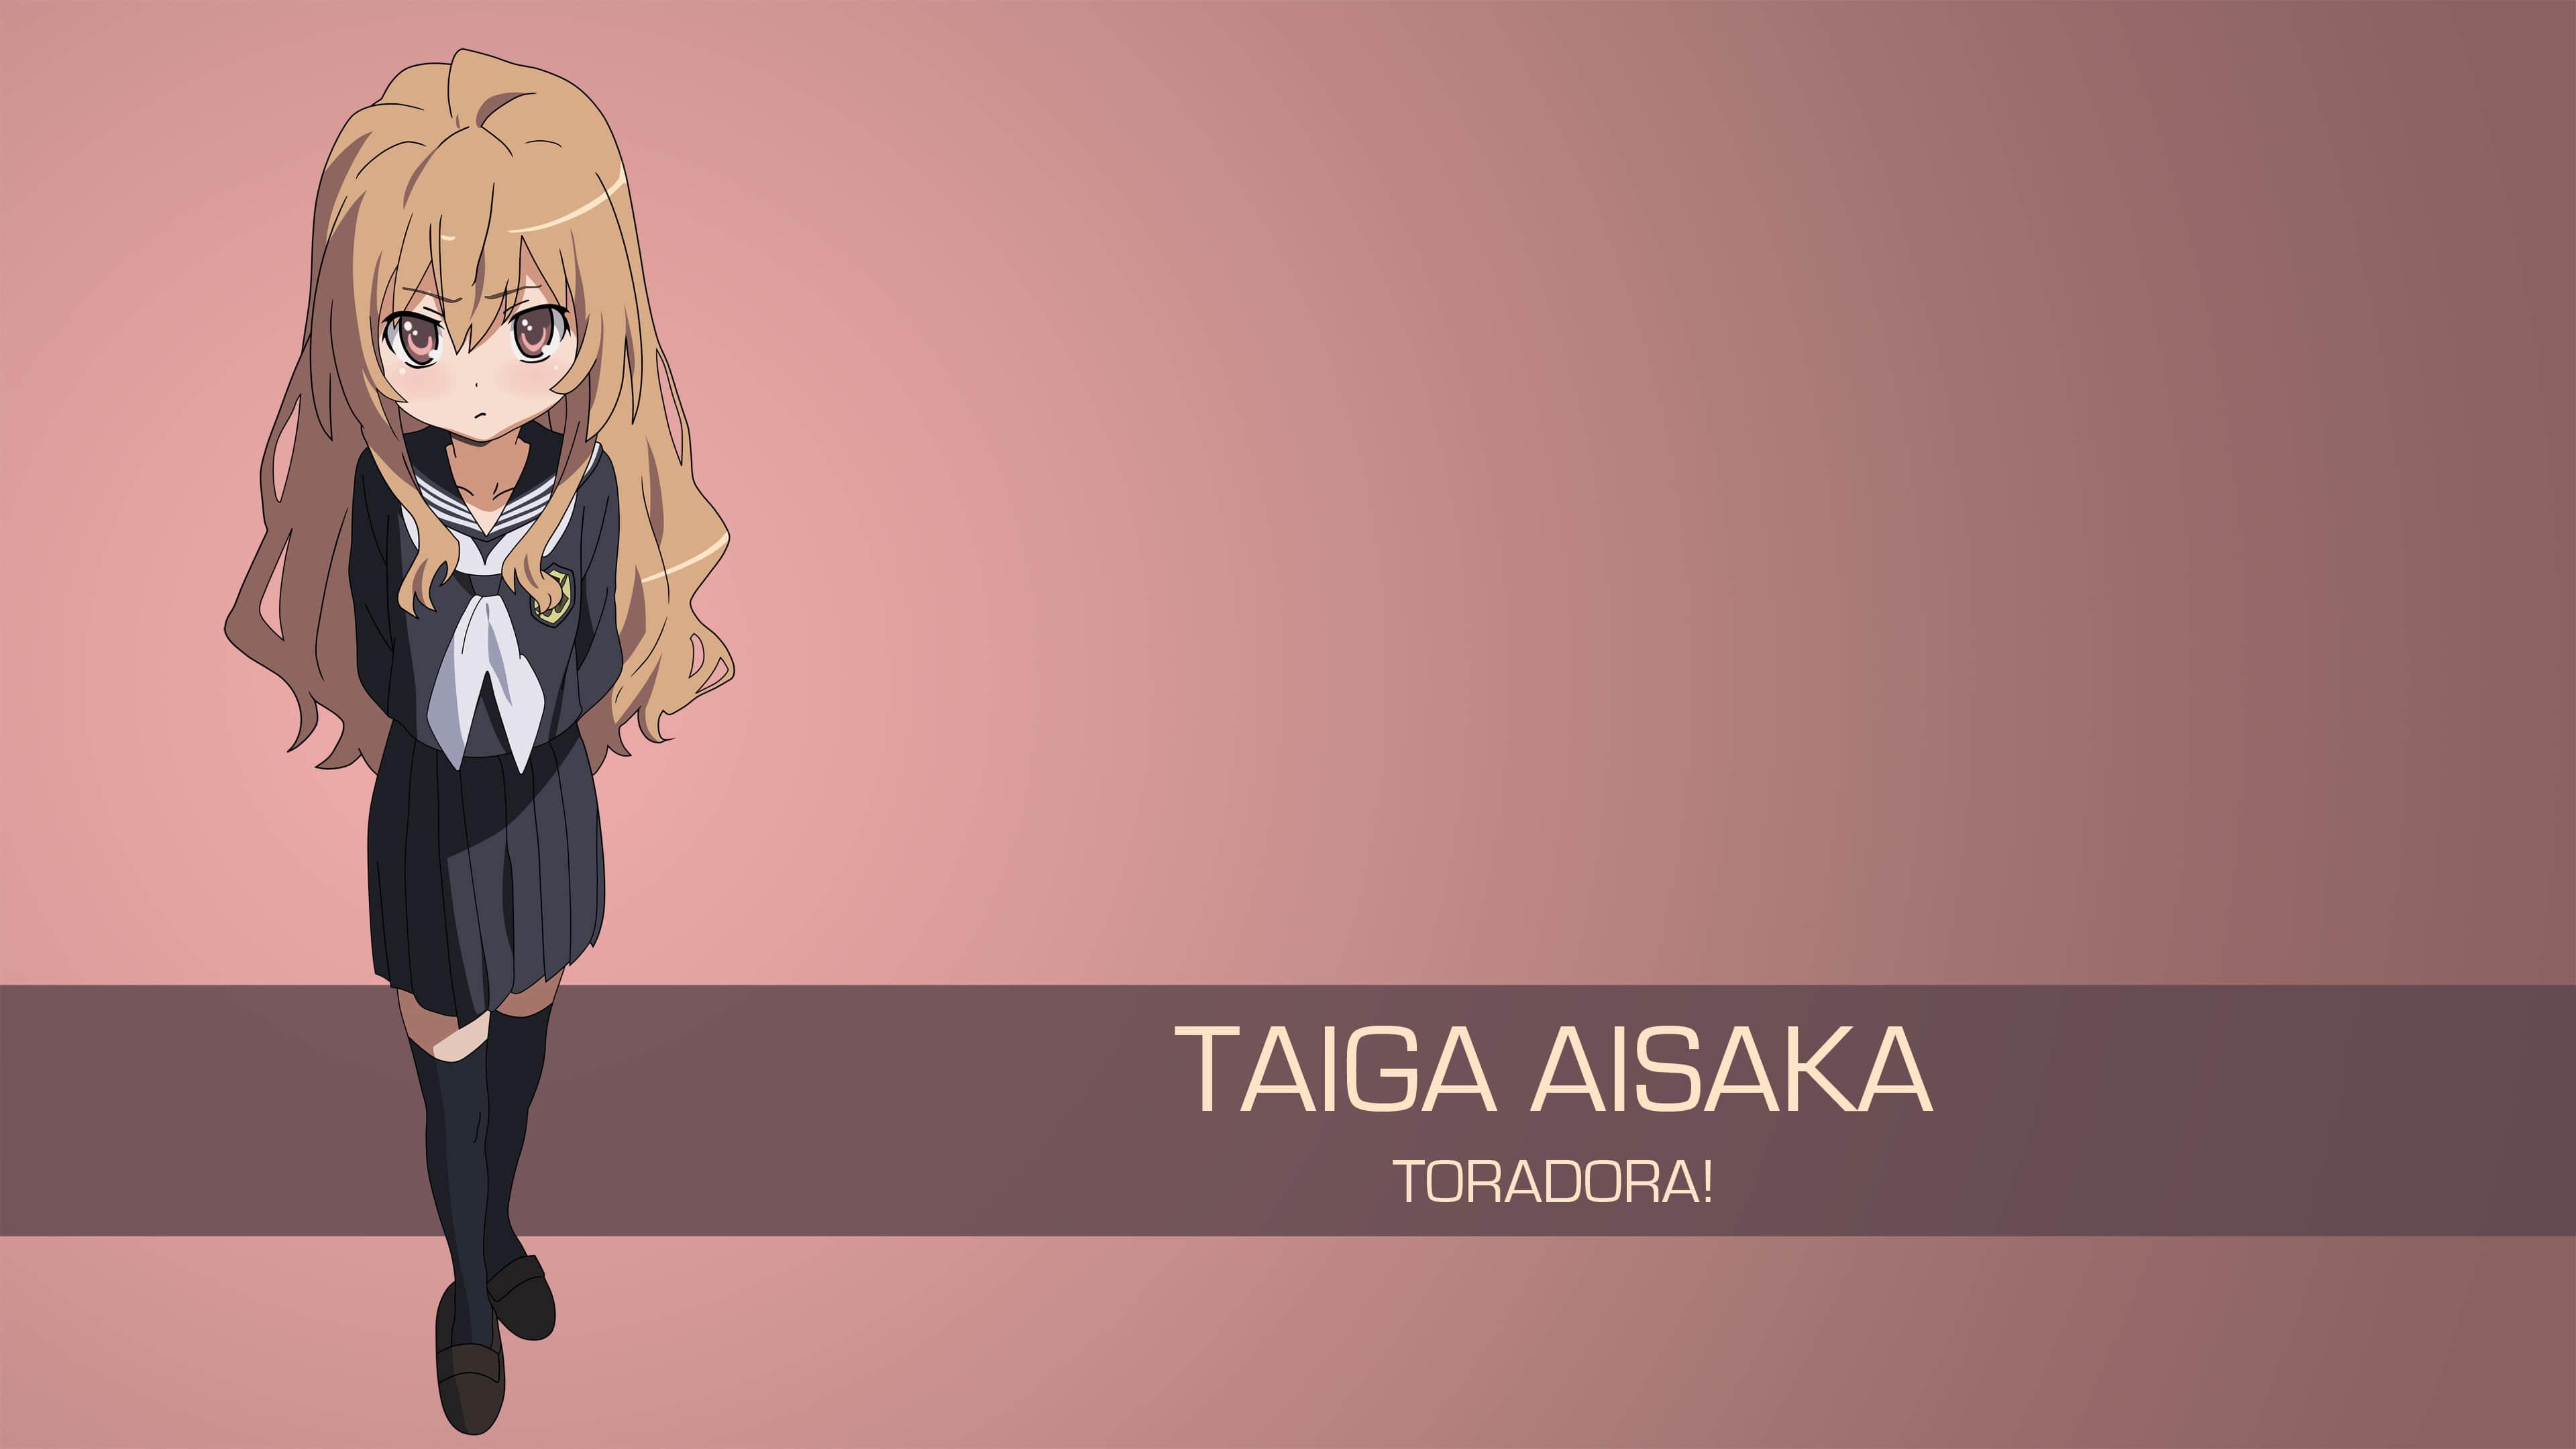 Taiga Aisaka Toradora Uhd 4k Wallpaper Pixelz